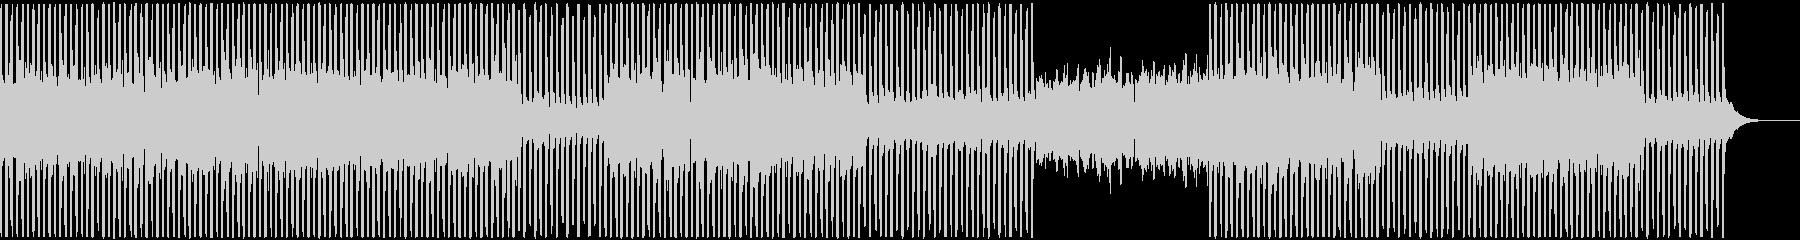 幻想的な雰囲気のミニマルテクノの未再生の波形